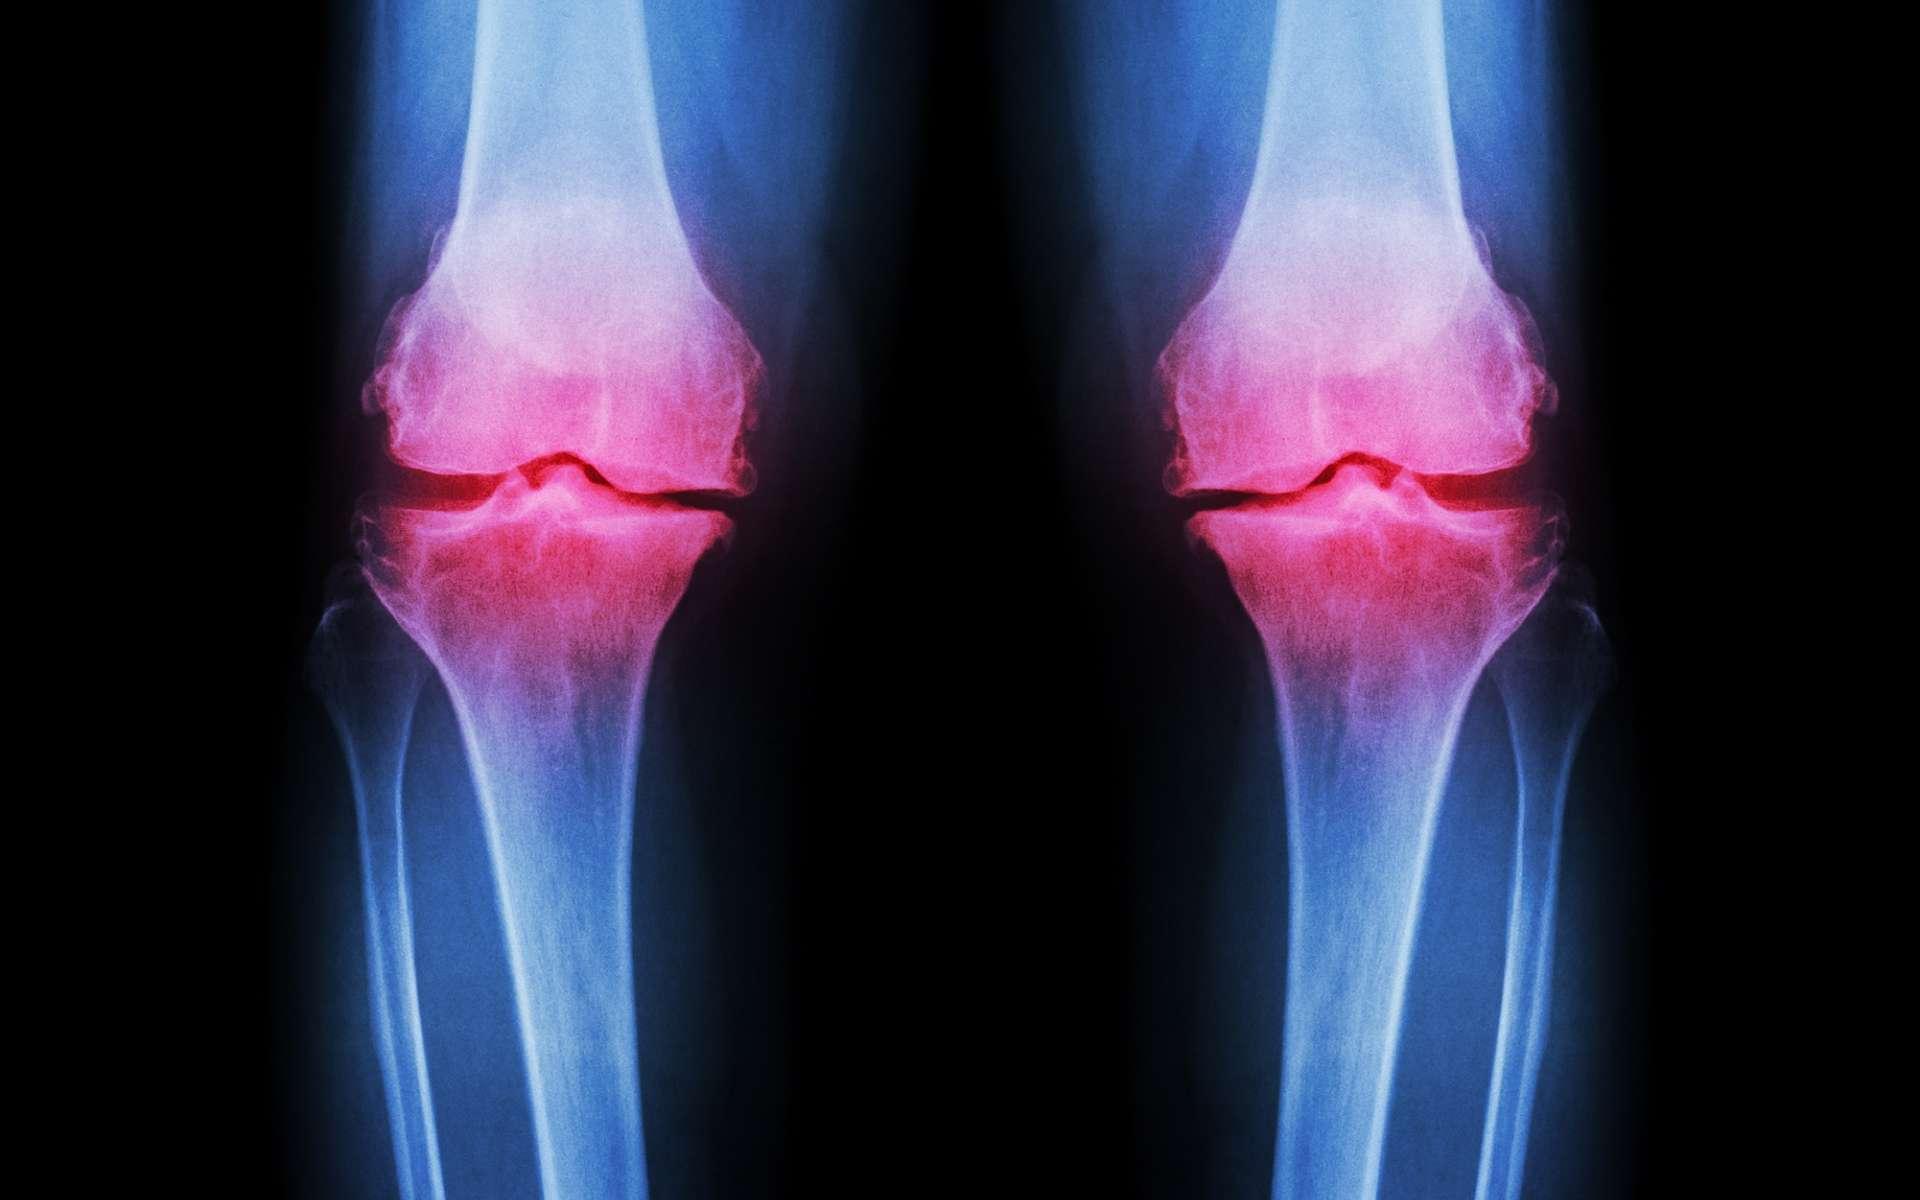 L'arthrose est une maladie douloureuse dans laquelle le cartilage est détruit. Et si l'impression 3D pouvait le régénérer ? © Puwadol Jaturawutthichai, Shutterstock